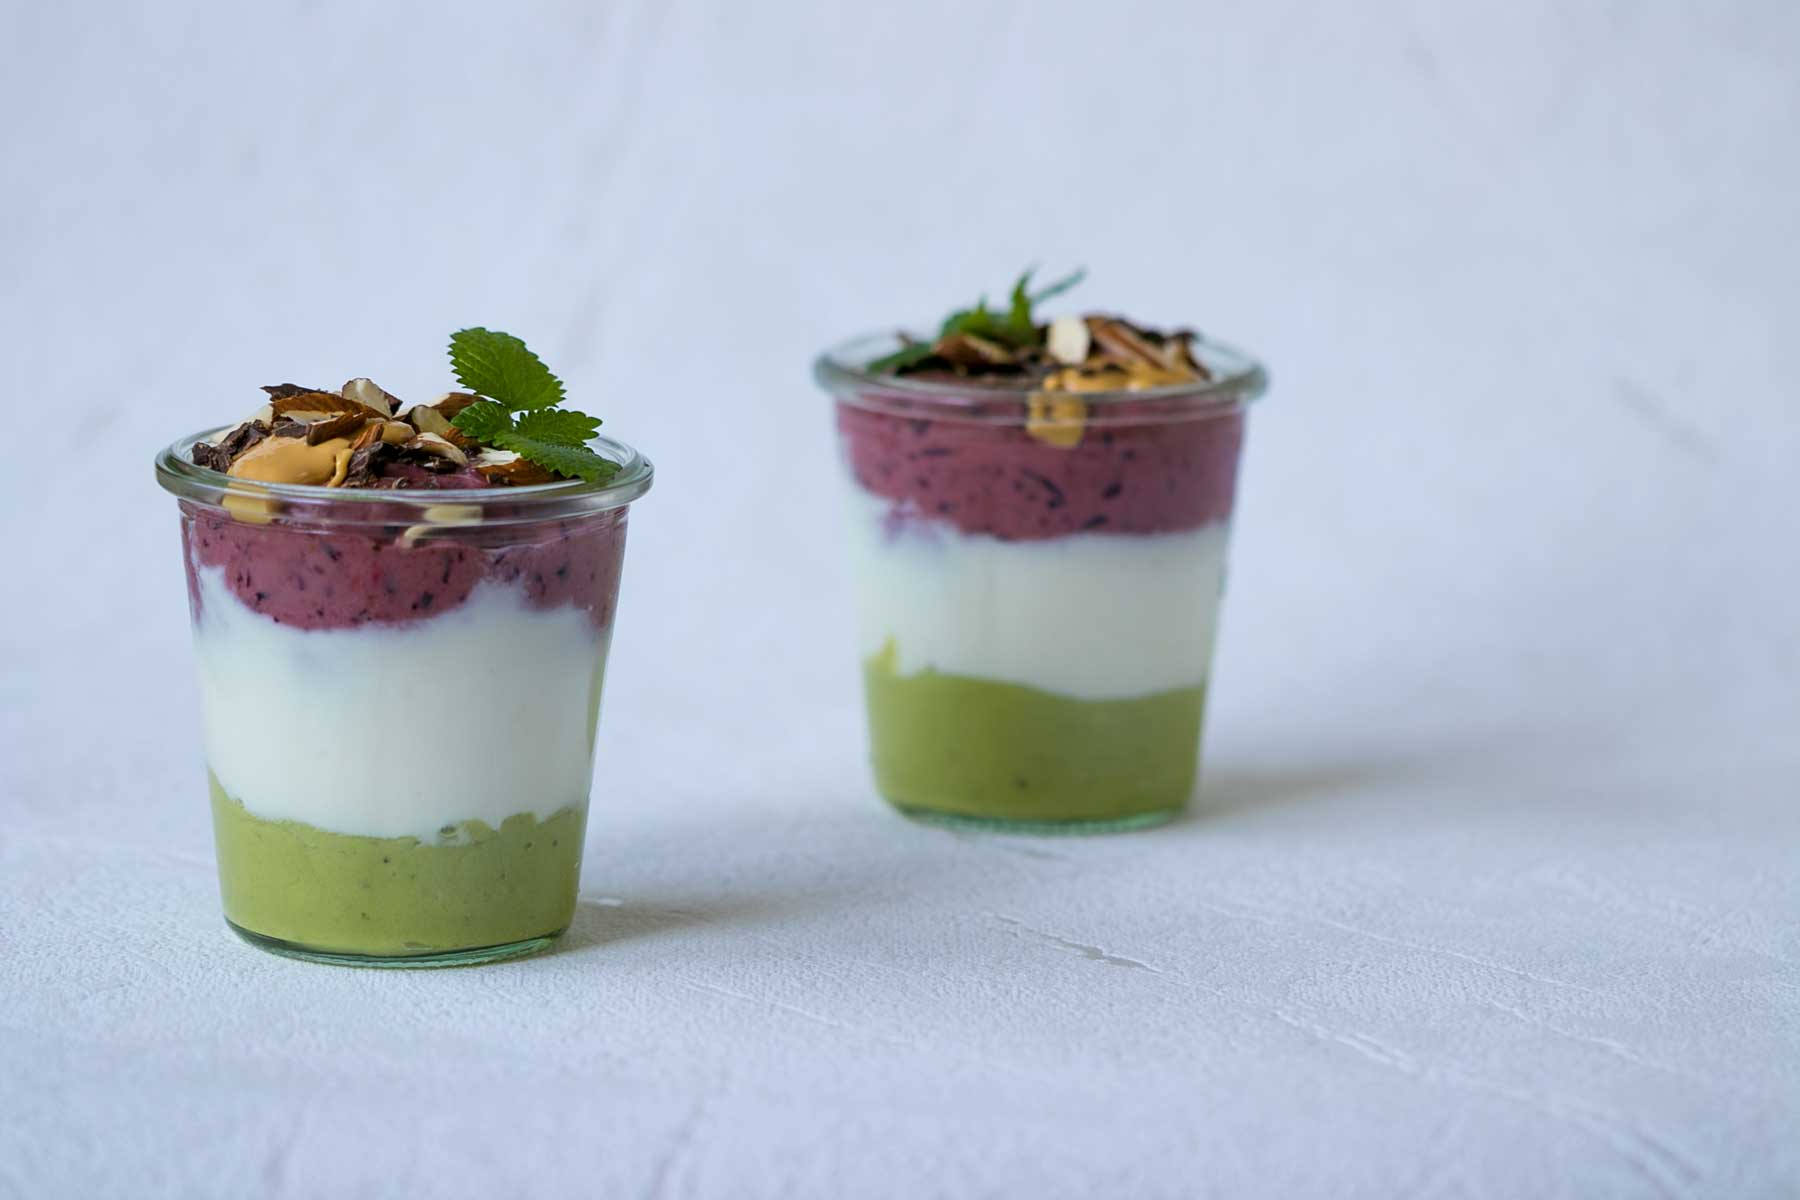 Vrstveny studeny dezert z avokada a bobuloveho ovocia a jogurtu-parfait spredu